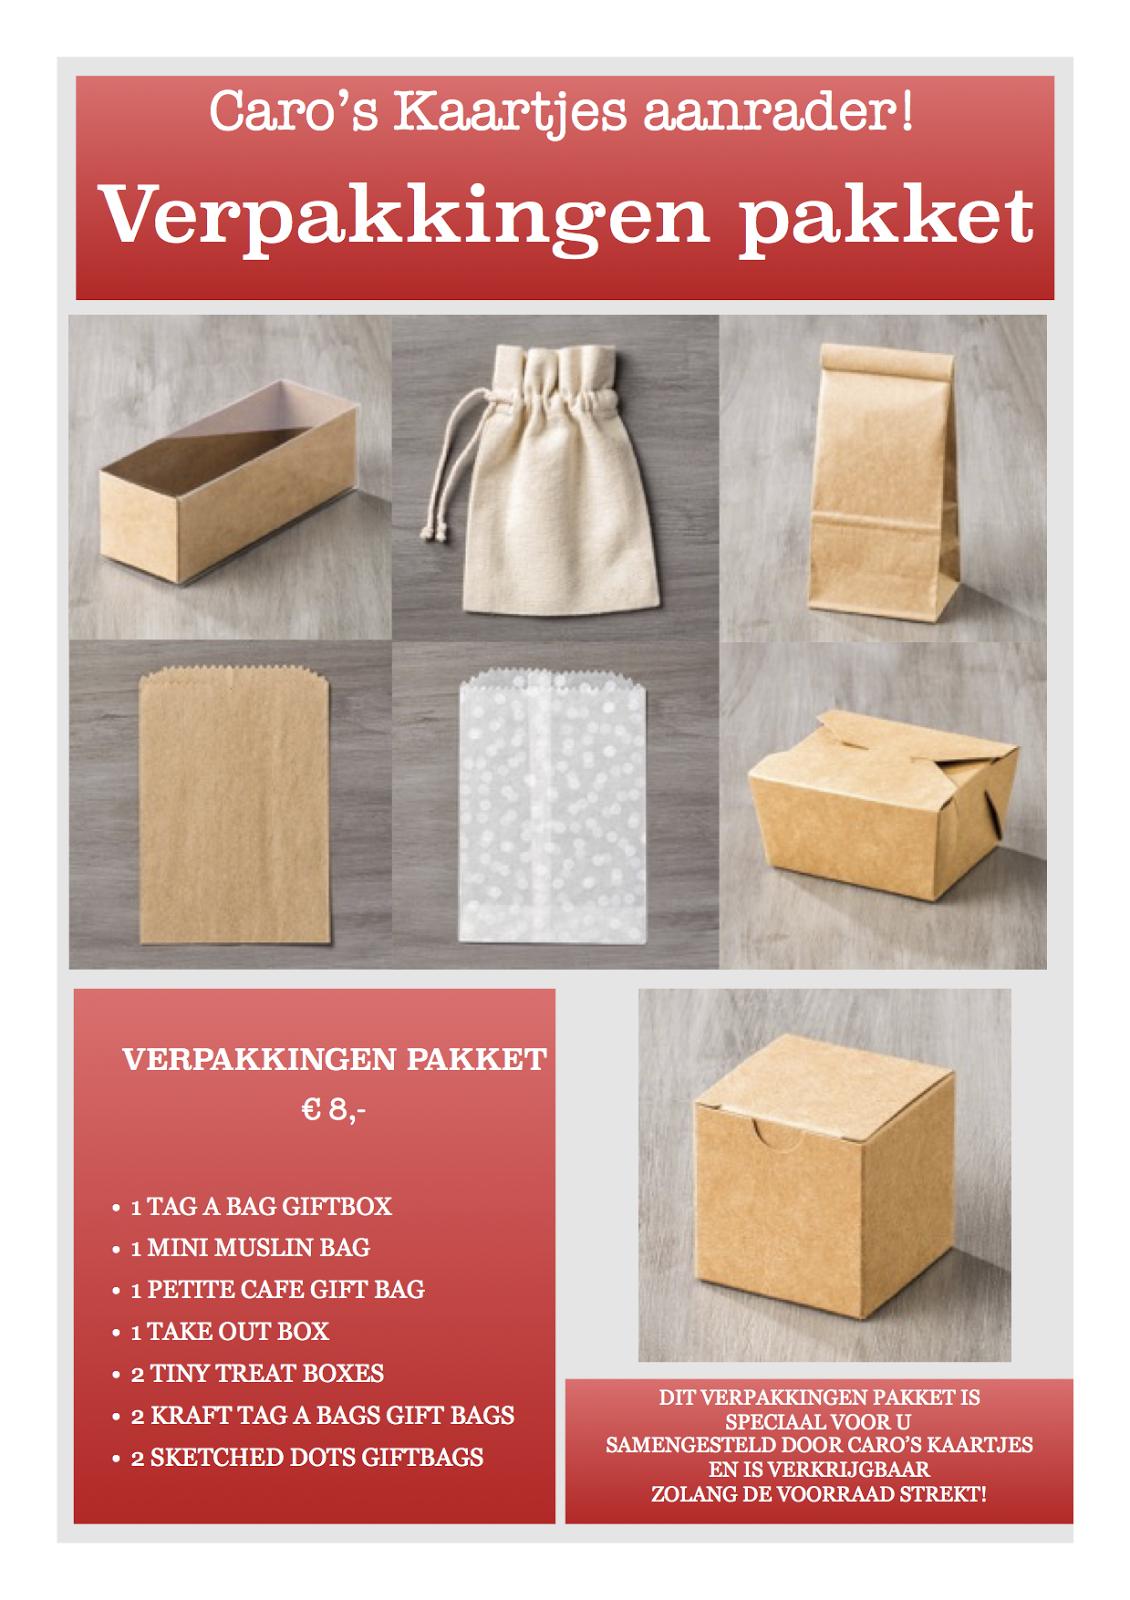 Verpakkingen pakket